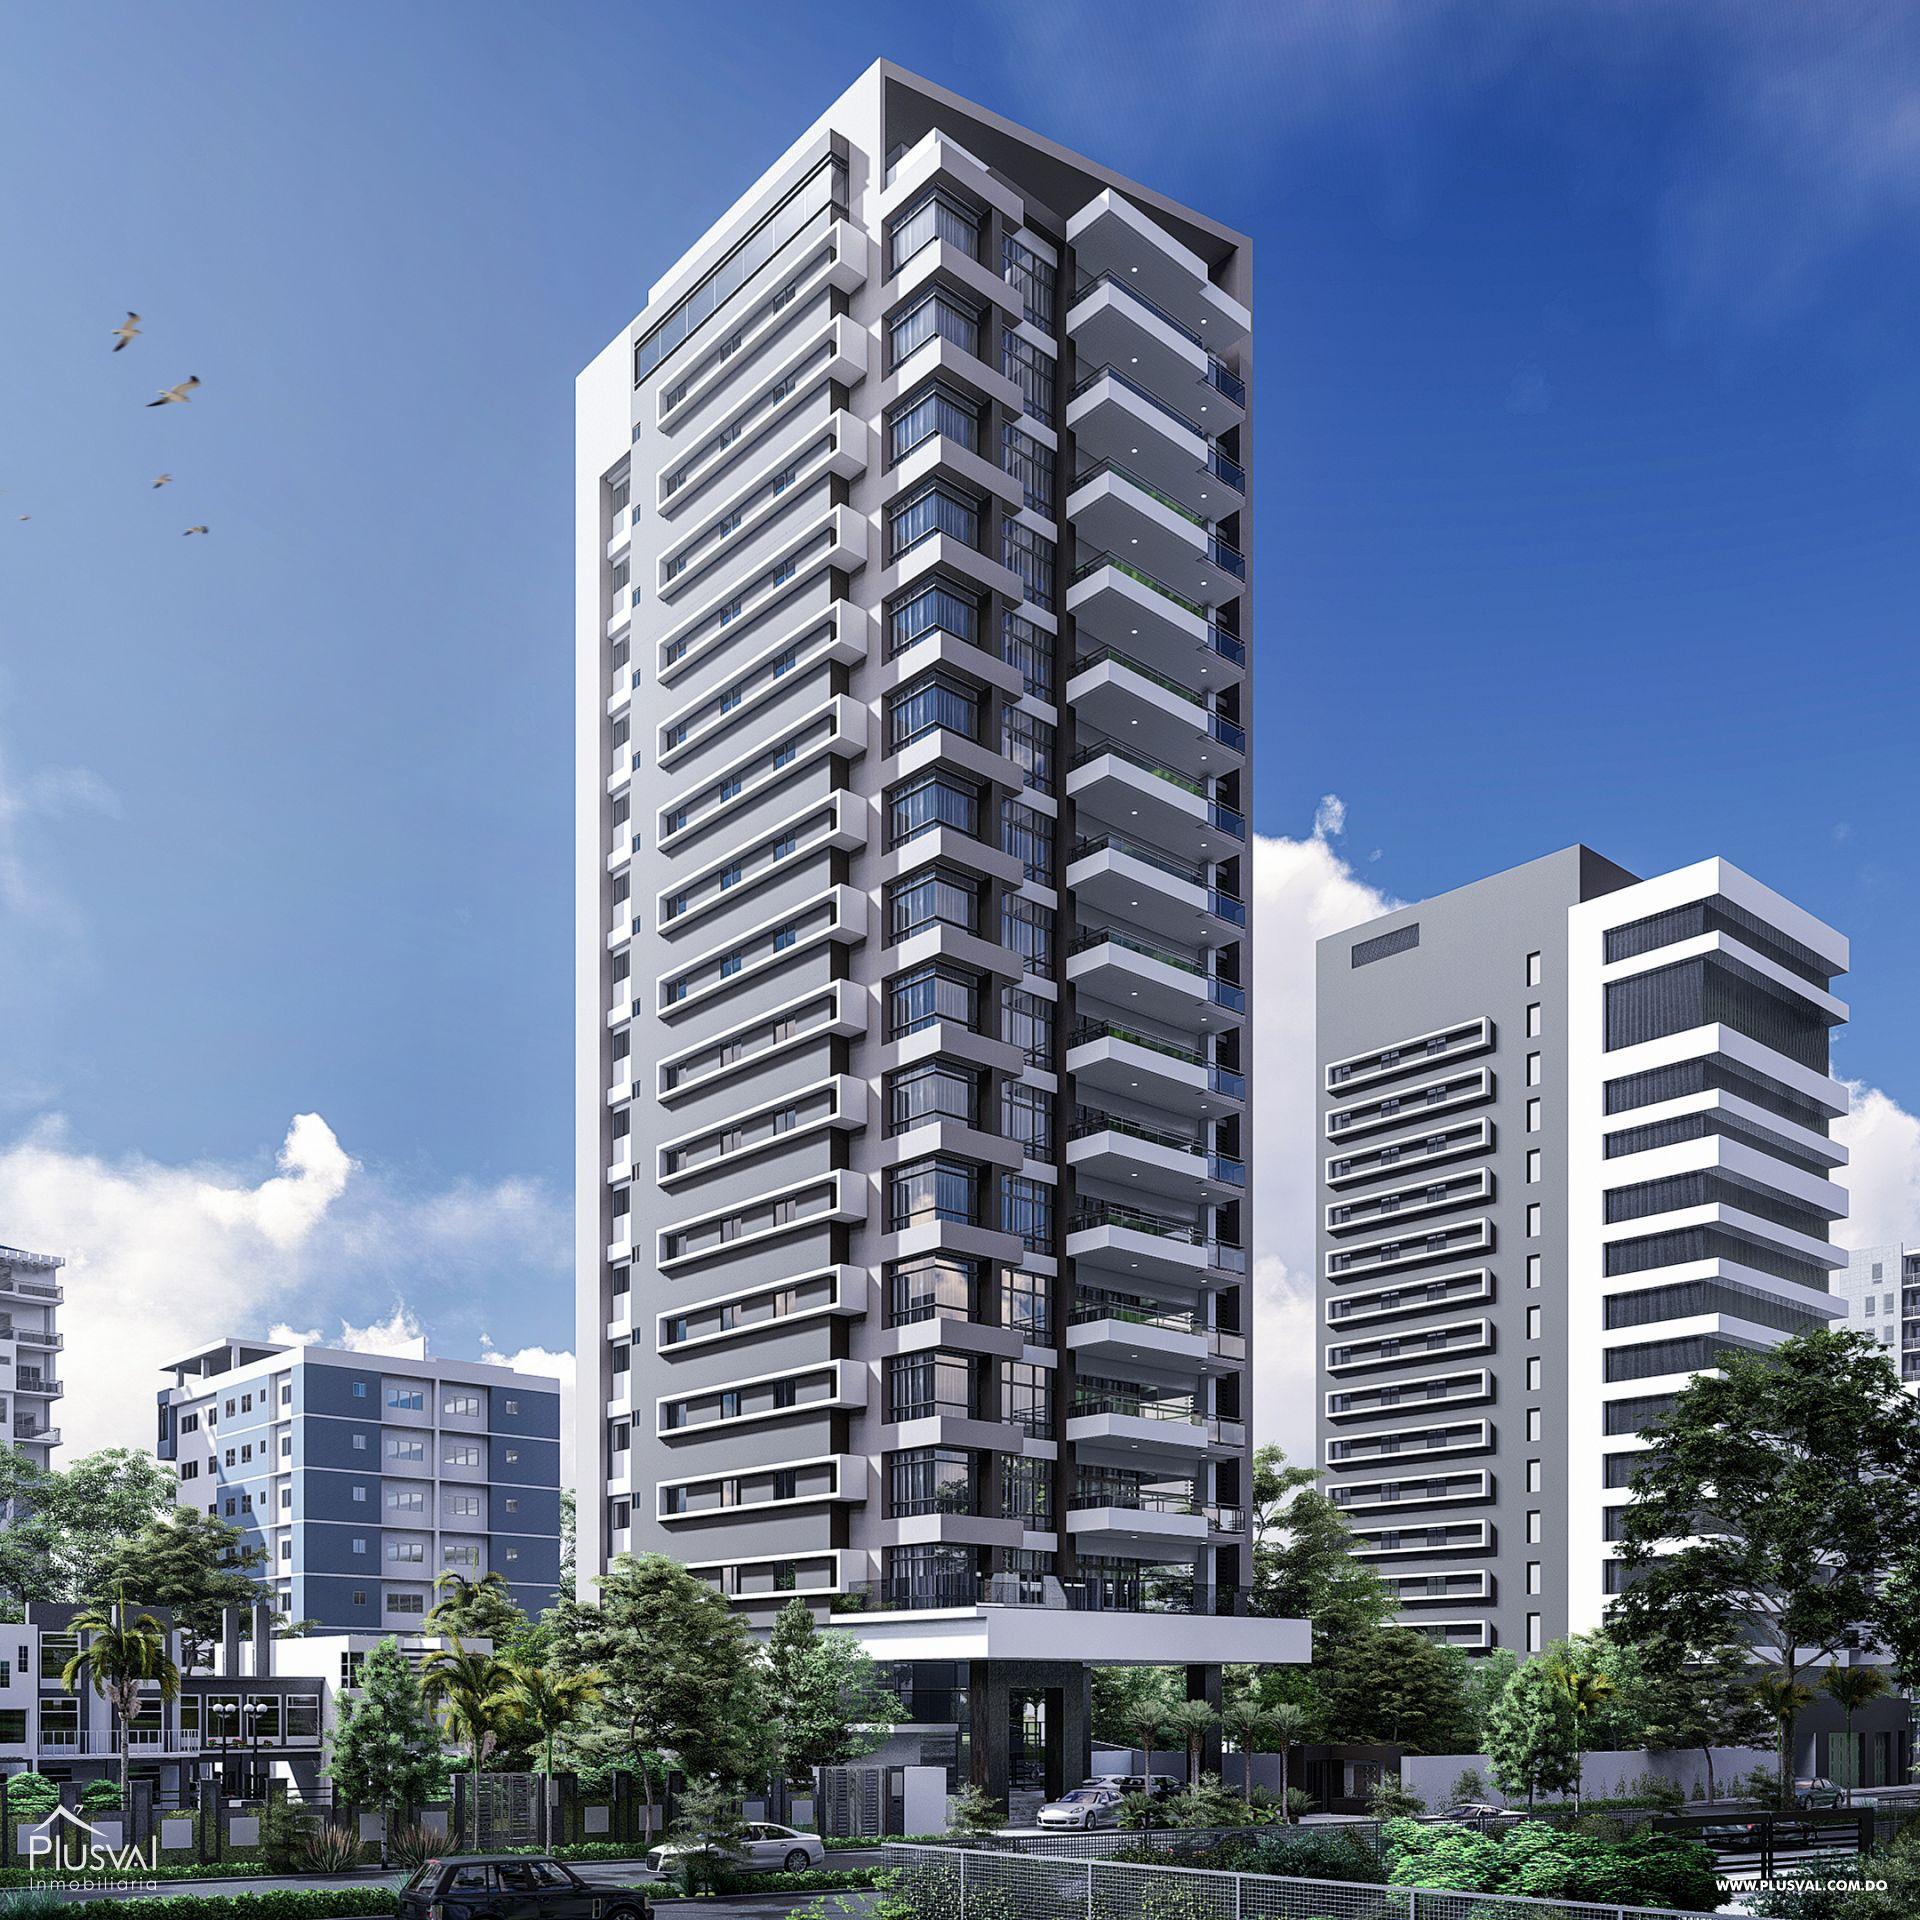 Imponente torre con apartamentos en venta uno por piso con vista al mar en Avenida Enriquillo, Cacicazgos.